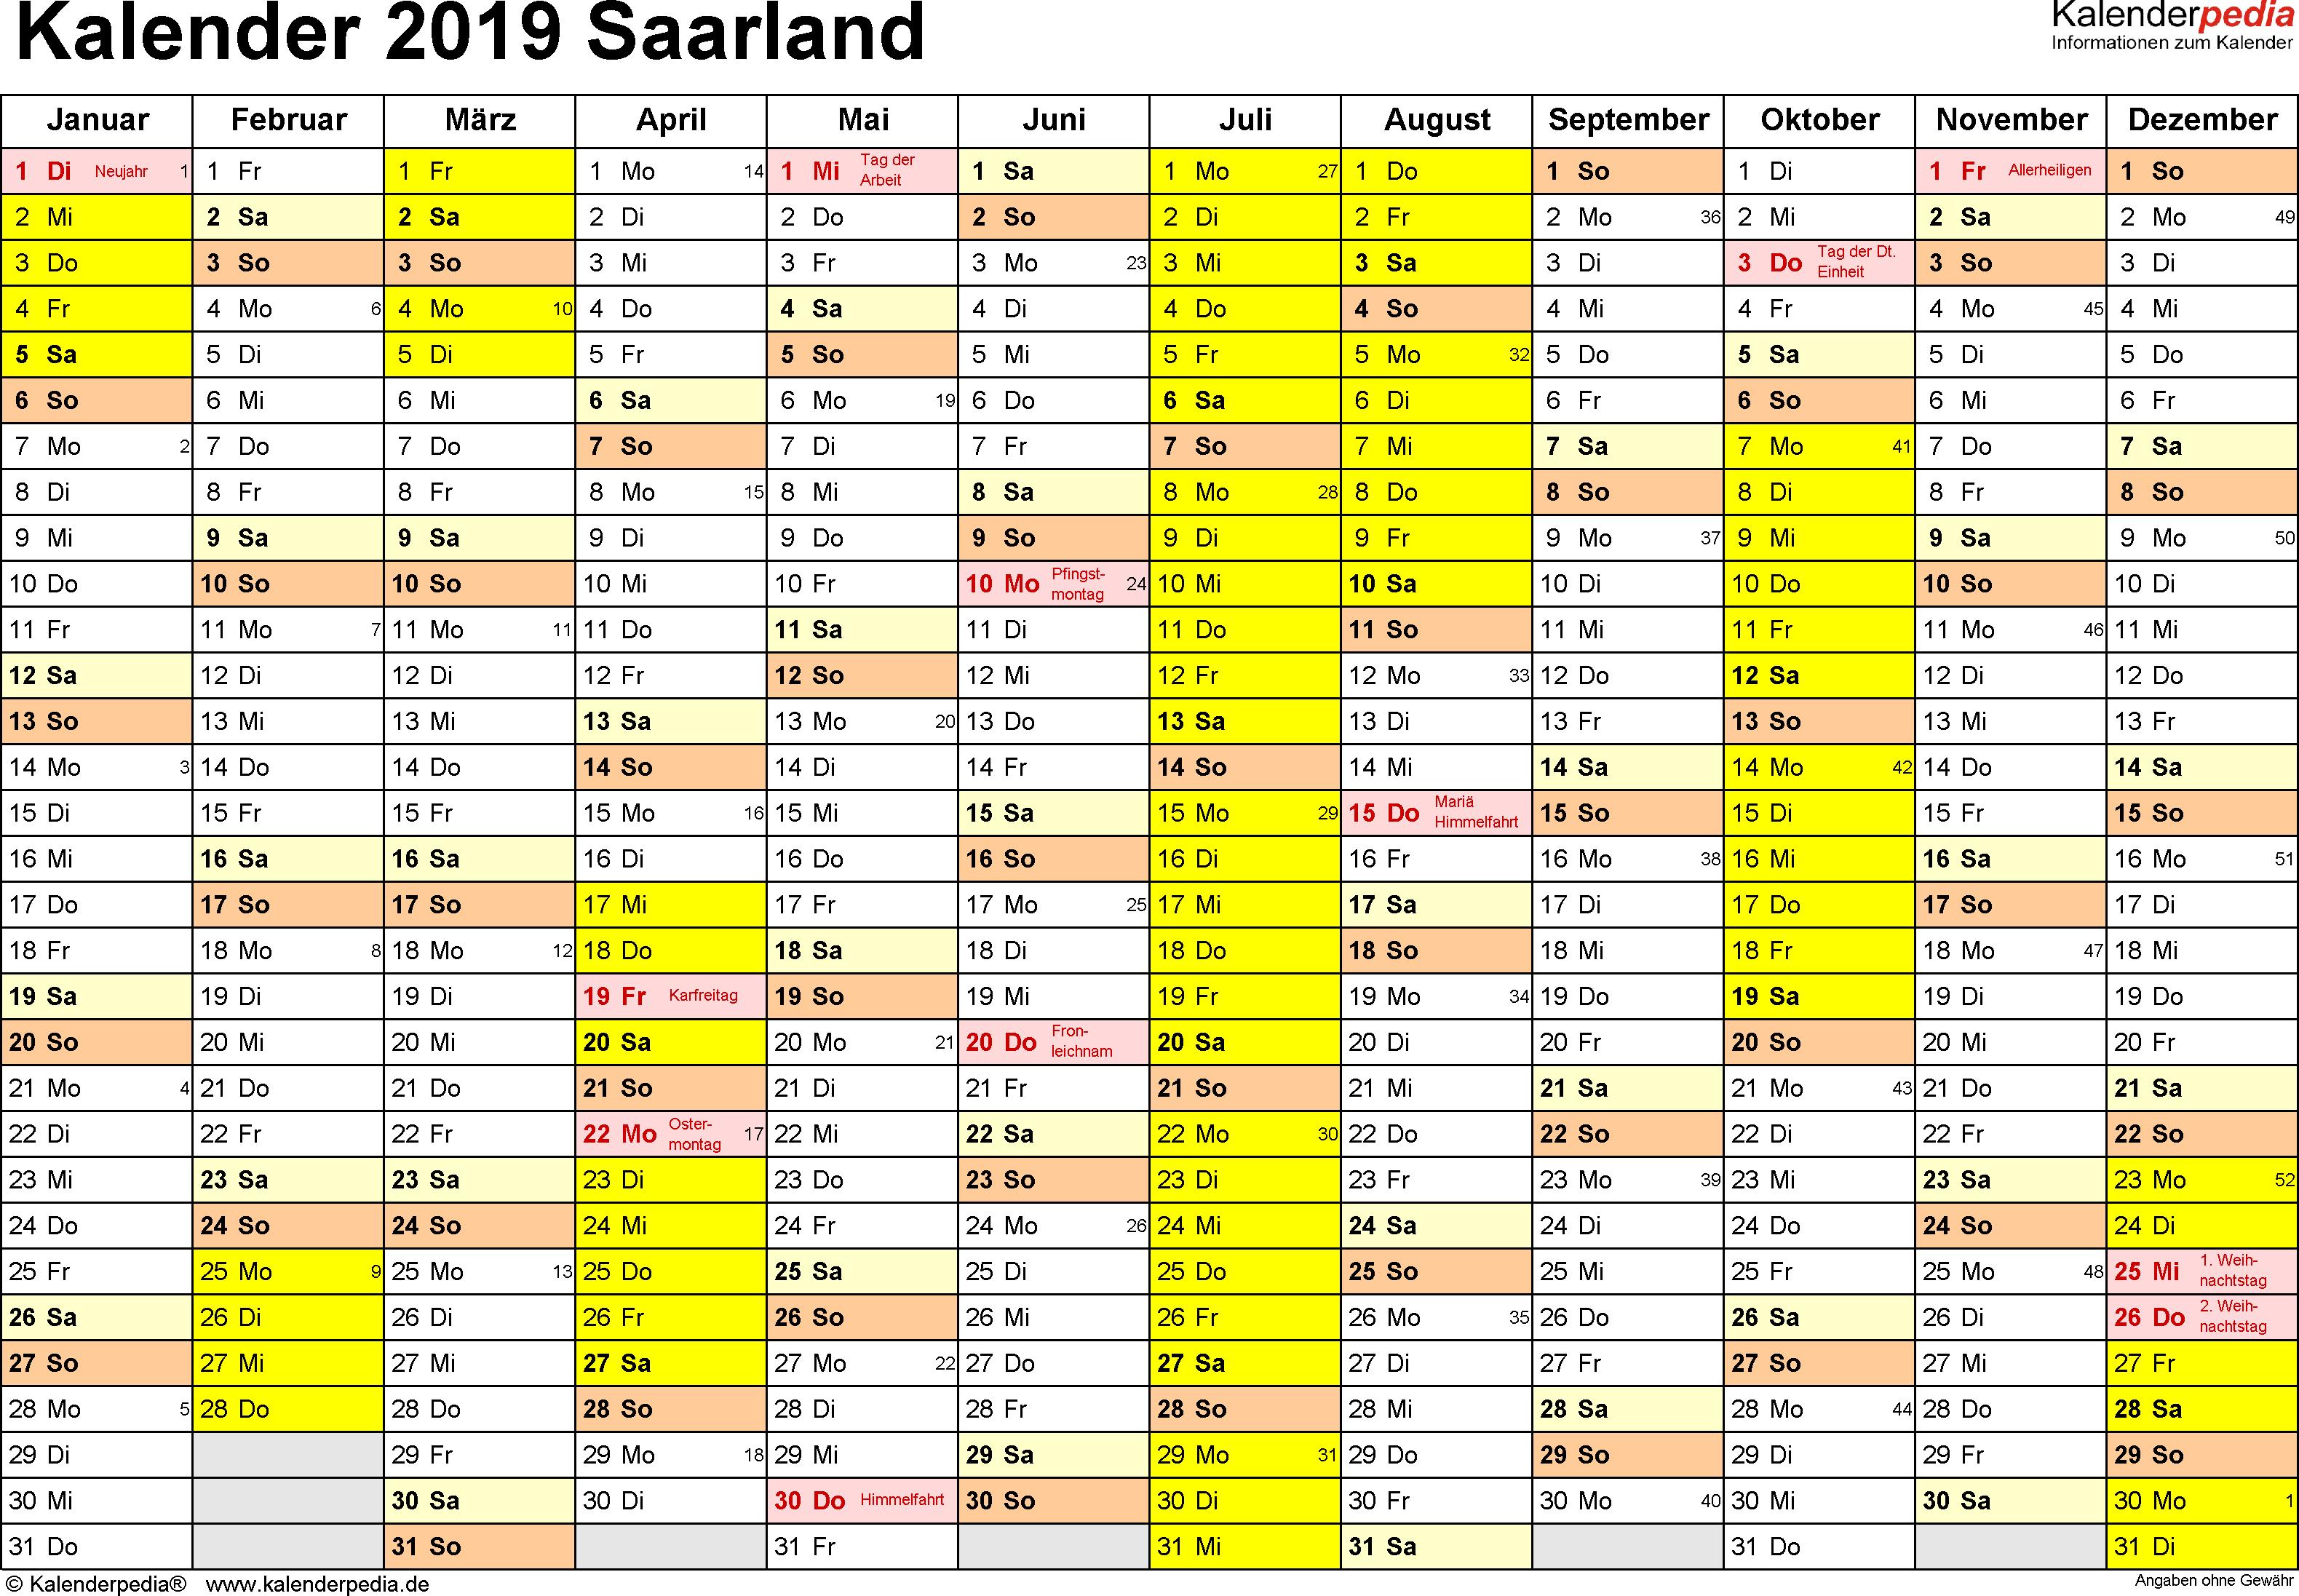 Kalender 2019 Saarland